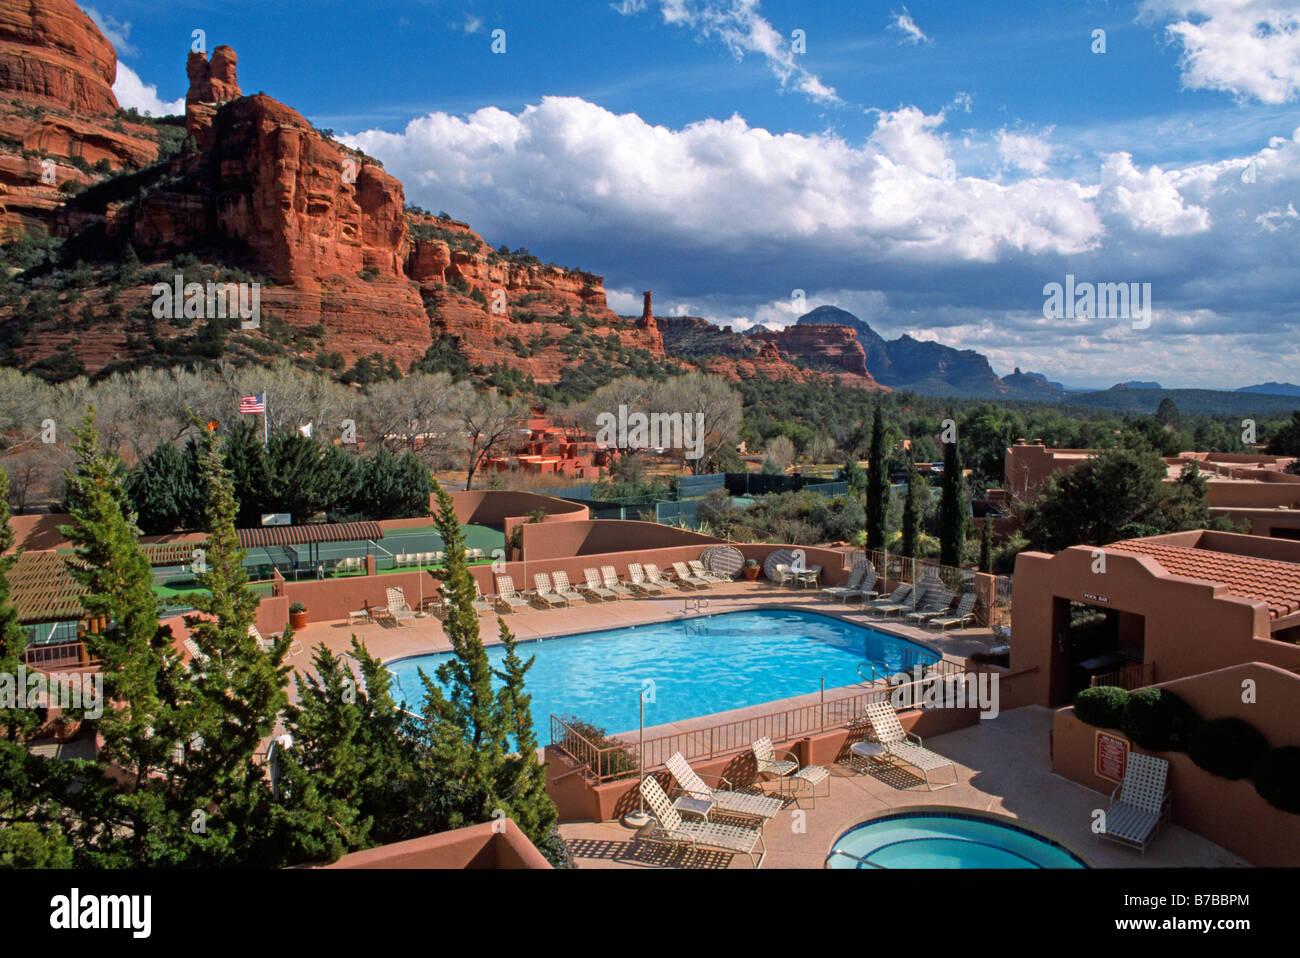 Five Star Hotels In Scottsdale